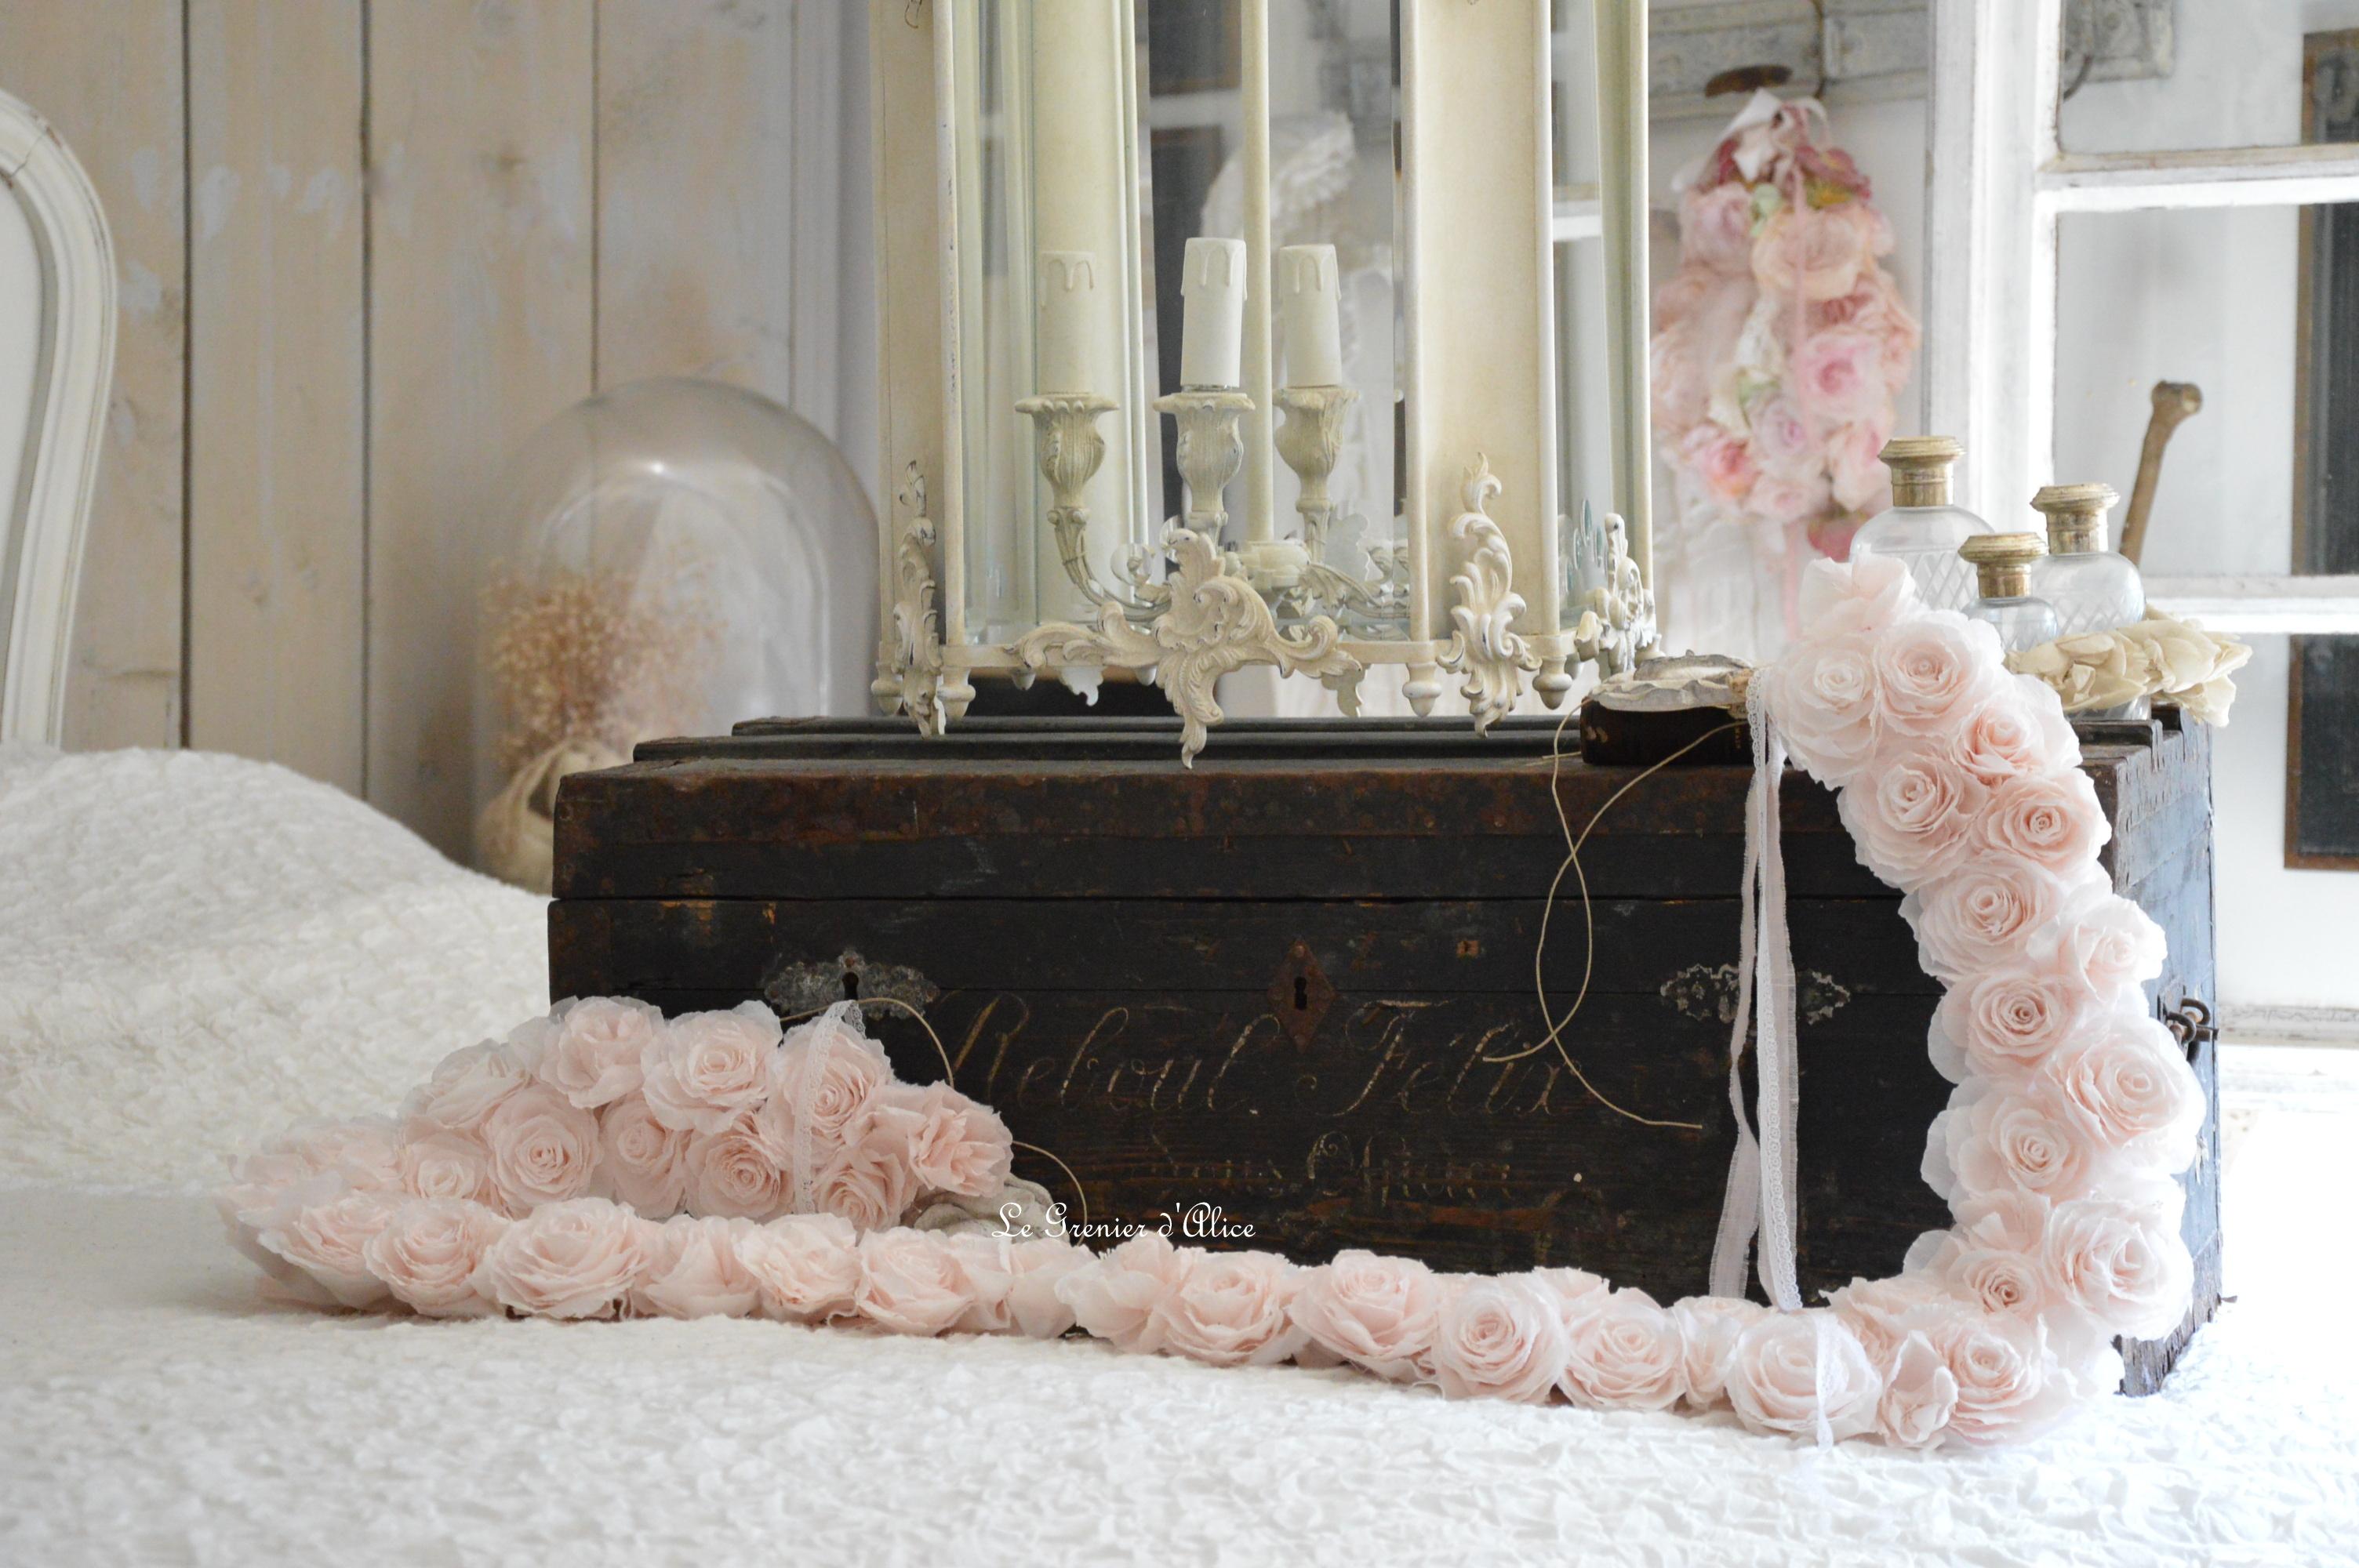 Lanterne style Louis XV lanterne bronze lanterne shabby chic romantique lanterne patinée guirlande fleurs rose crépon rose poudré création le grenier dalice 3